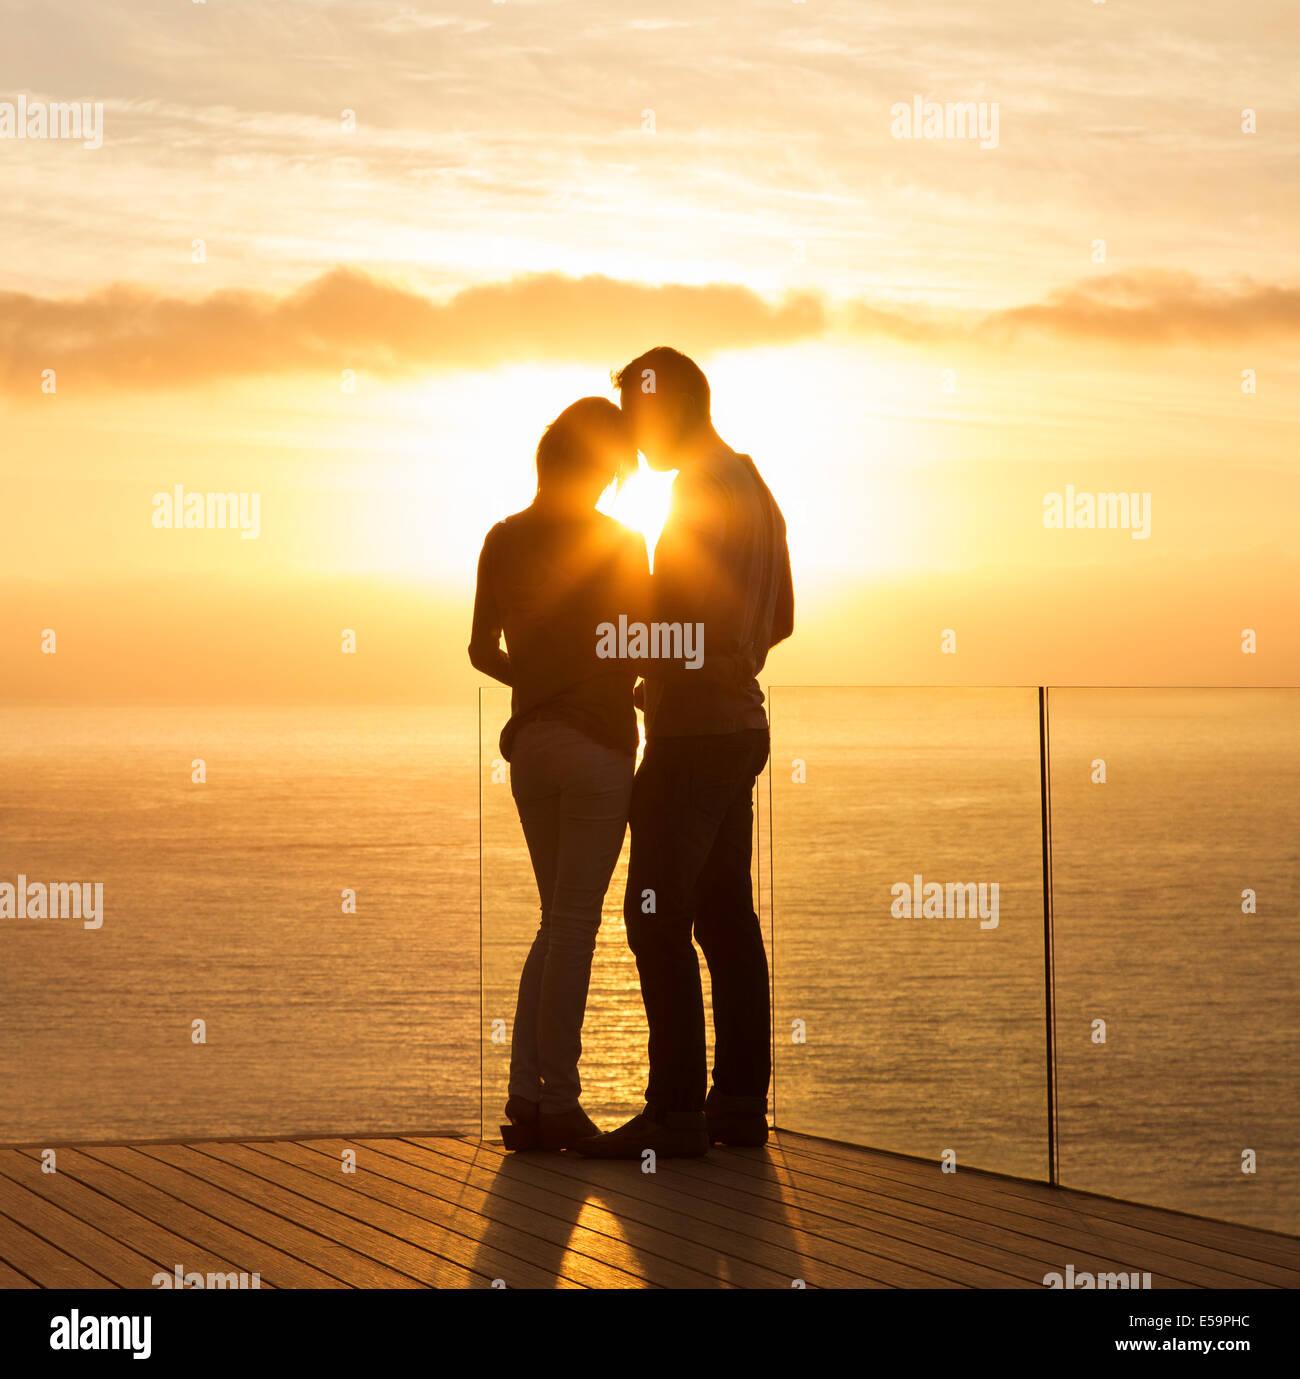 Silueta de la pareja durante la puesta de sol sobre el océano Imagen De Stock